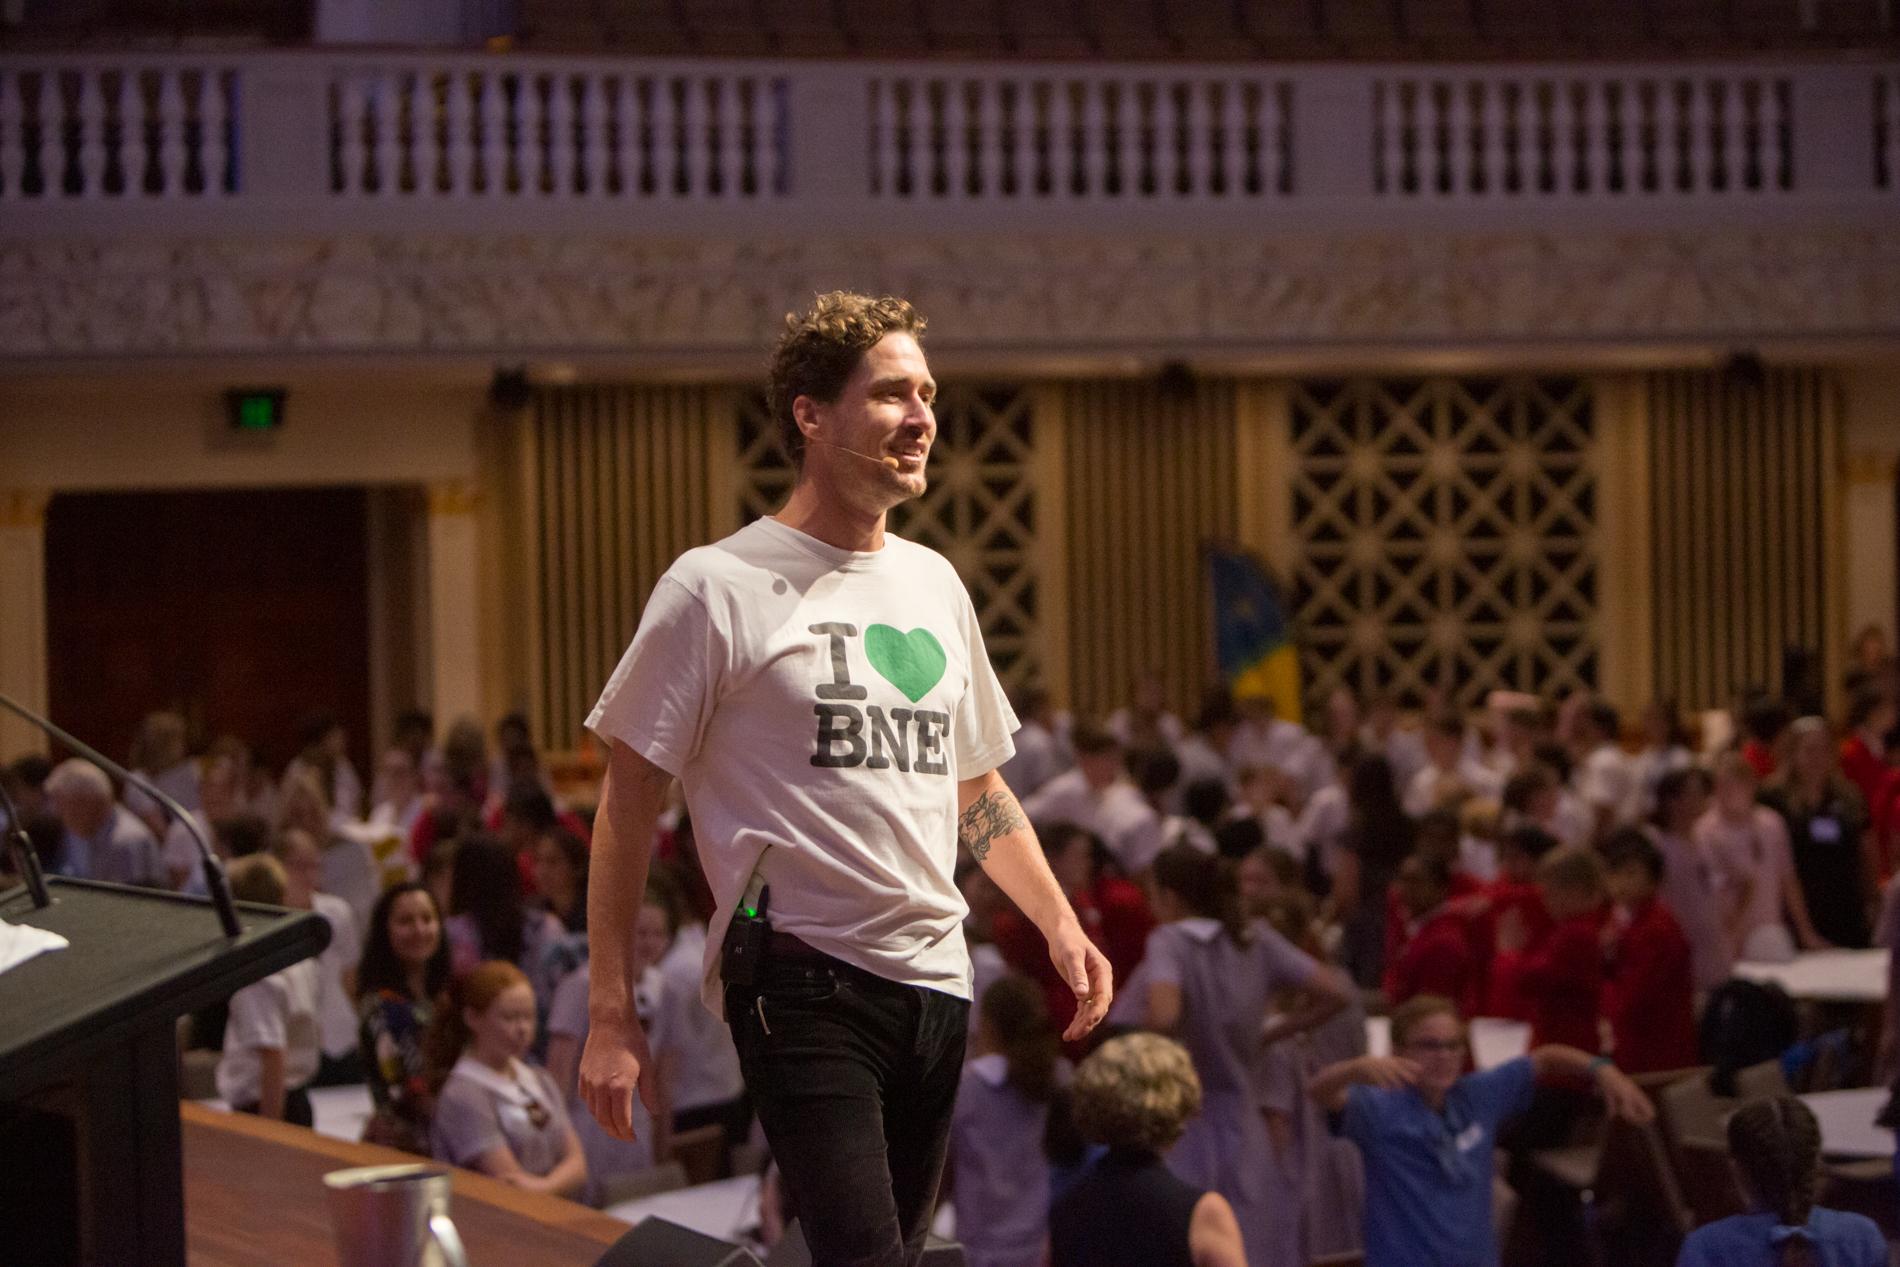 Tristan Schultz speaking FutureBNE